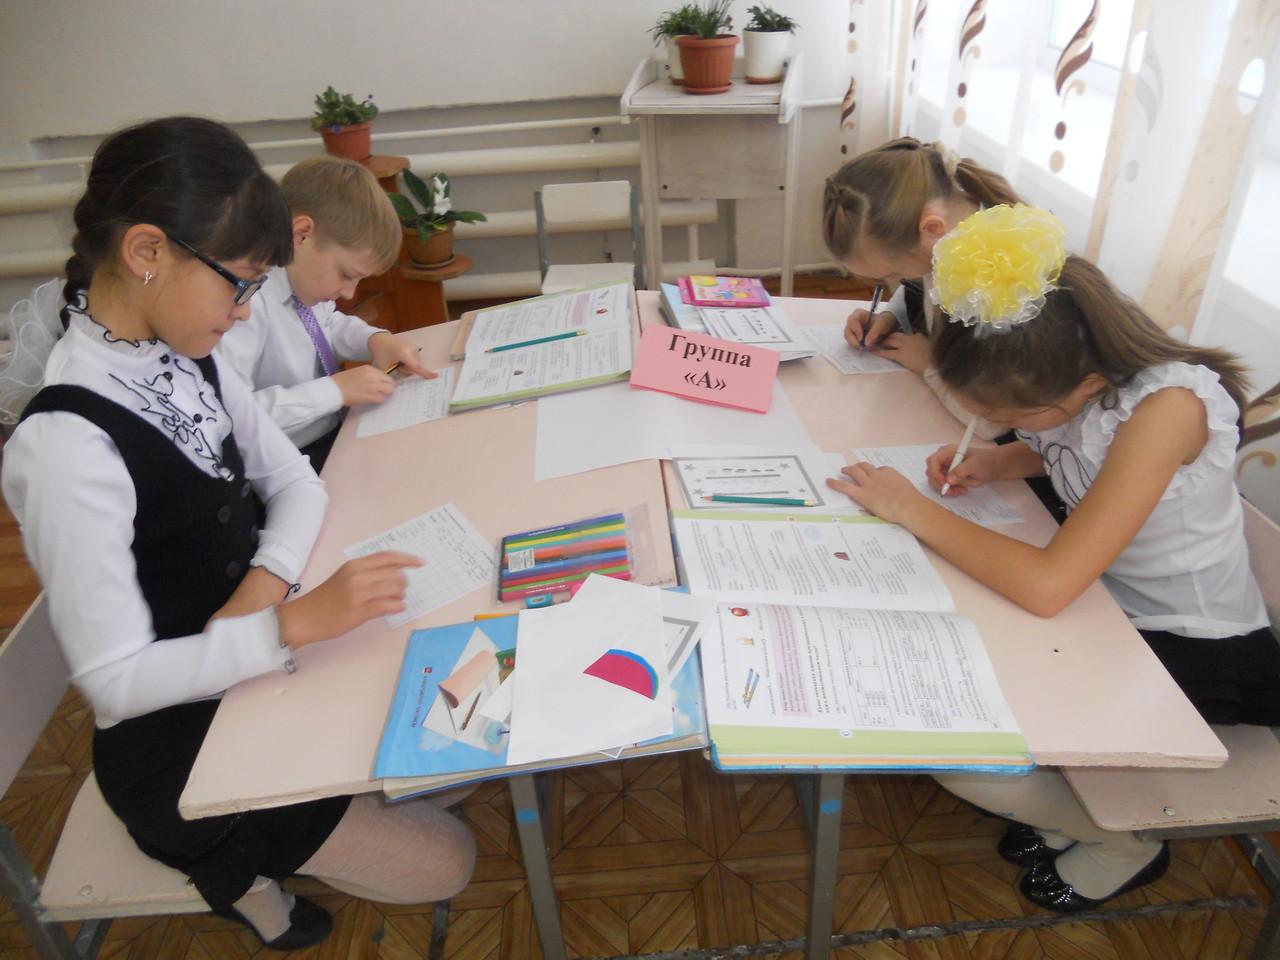 отзывы об уроке в начальной школе бланк